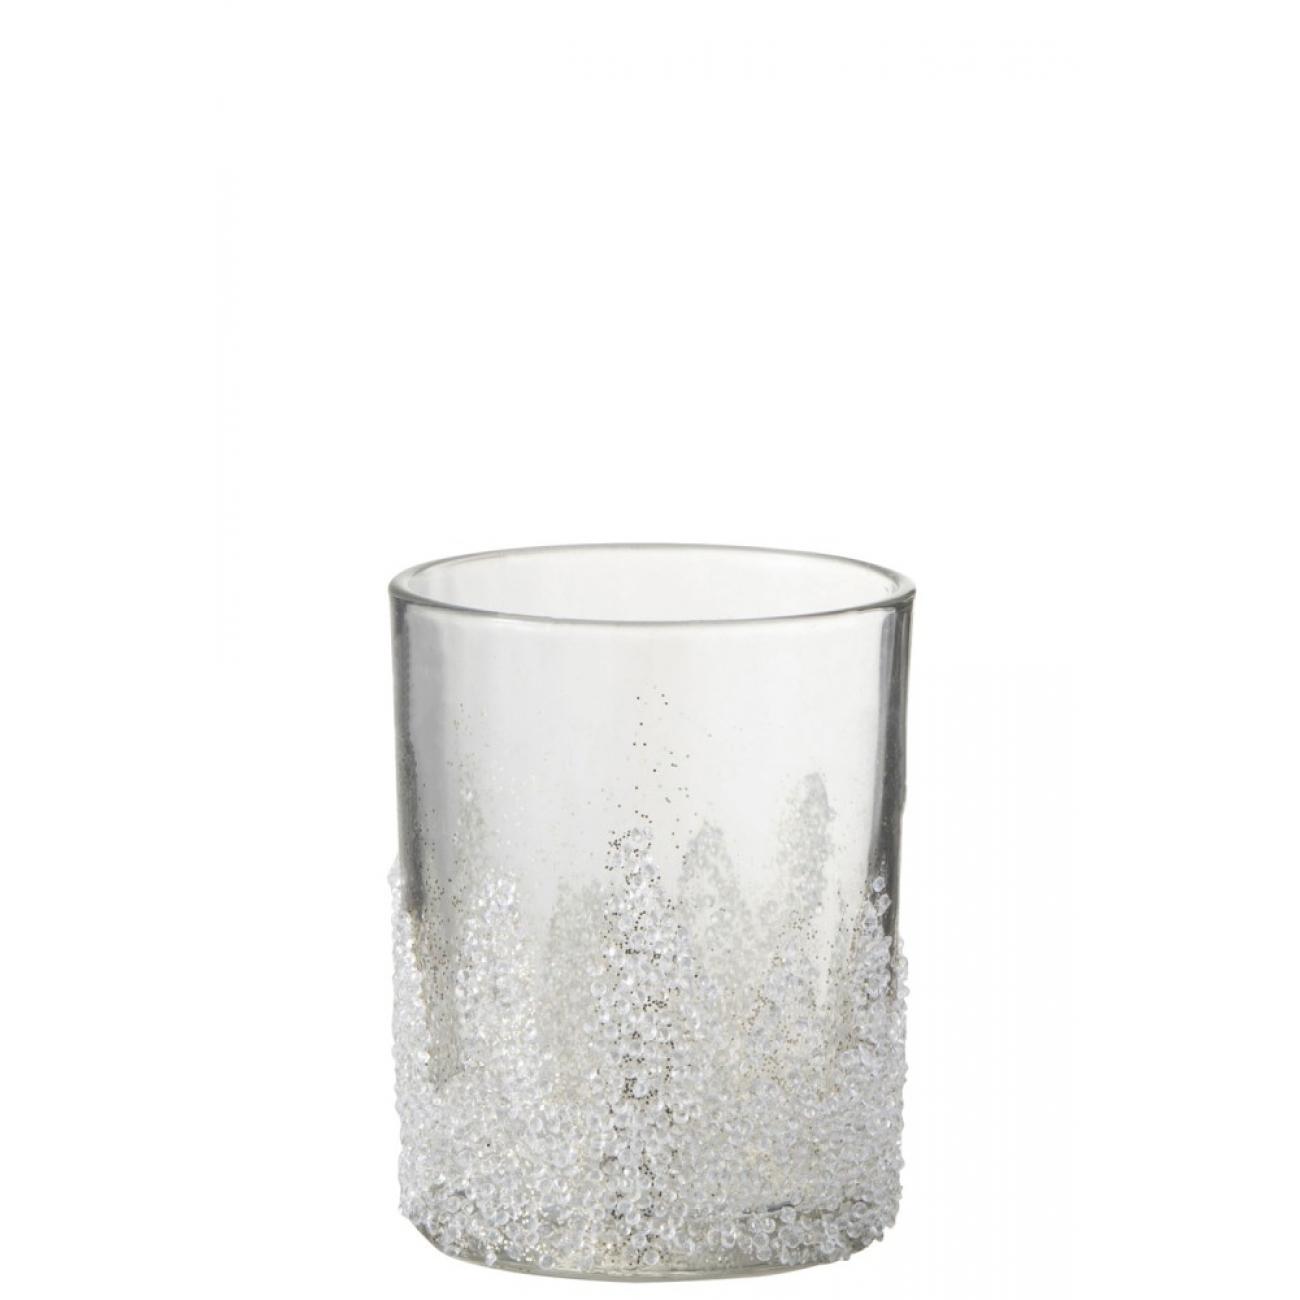 Подсвечник J-LINE стеклянный с бисером 8 см